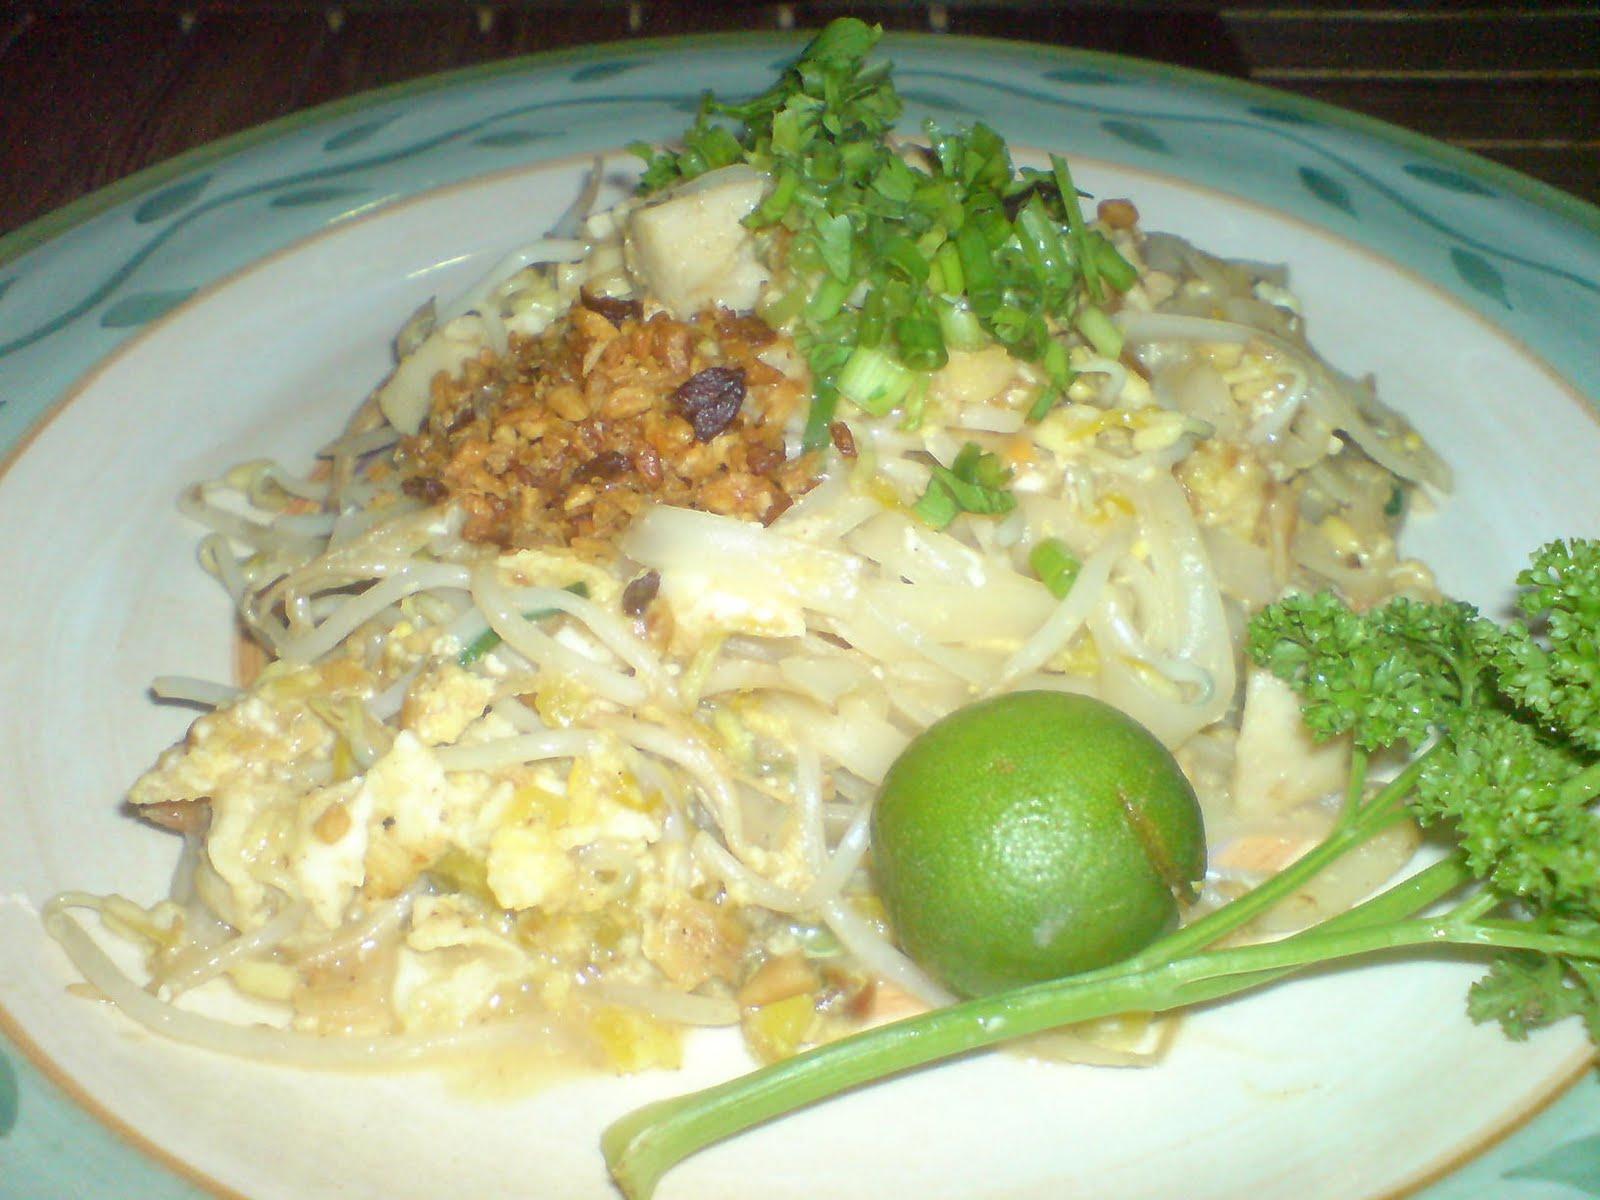 Anong lasa sen lek thai noodles pad thai for Anong thai cuisine